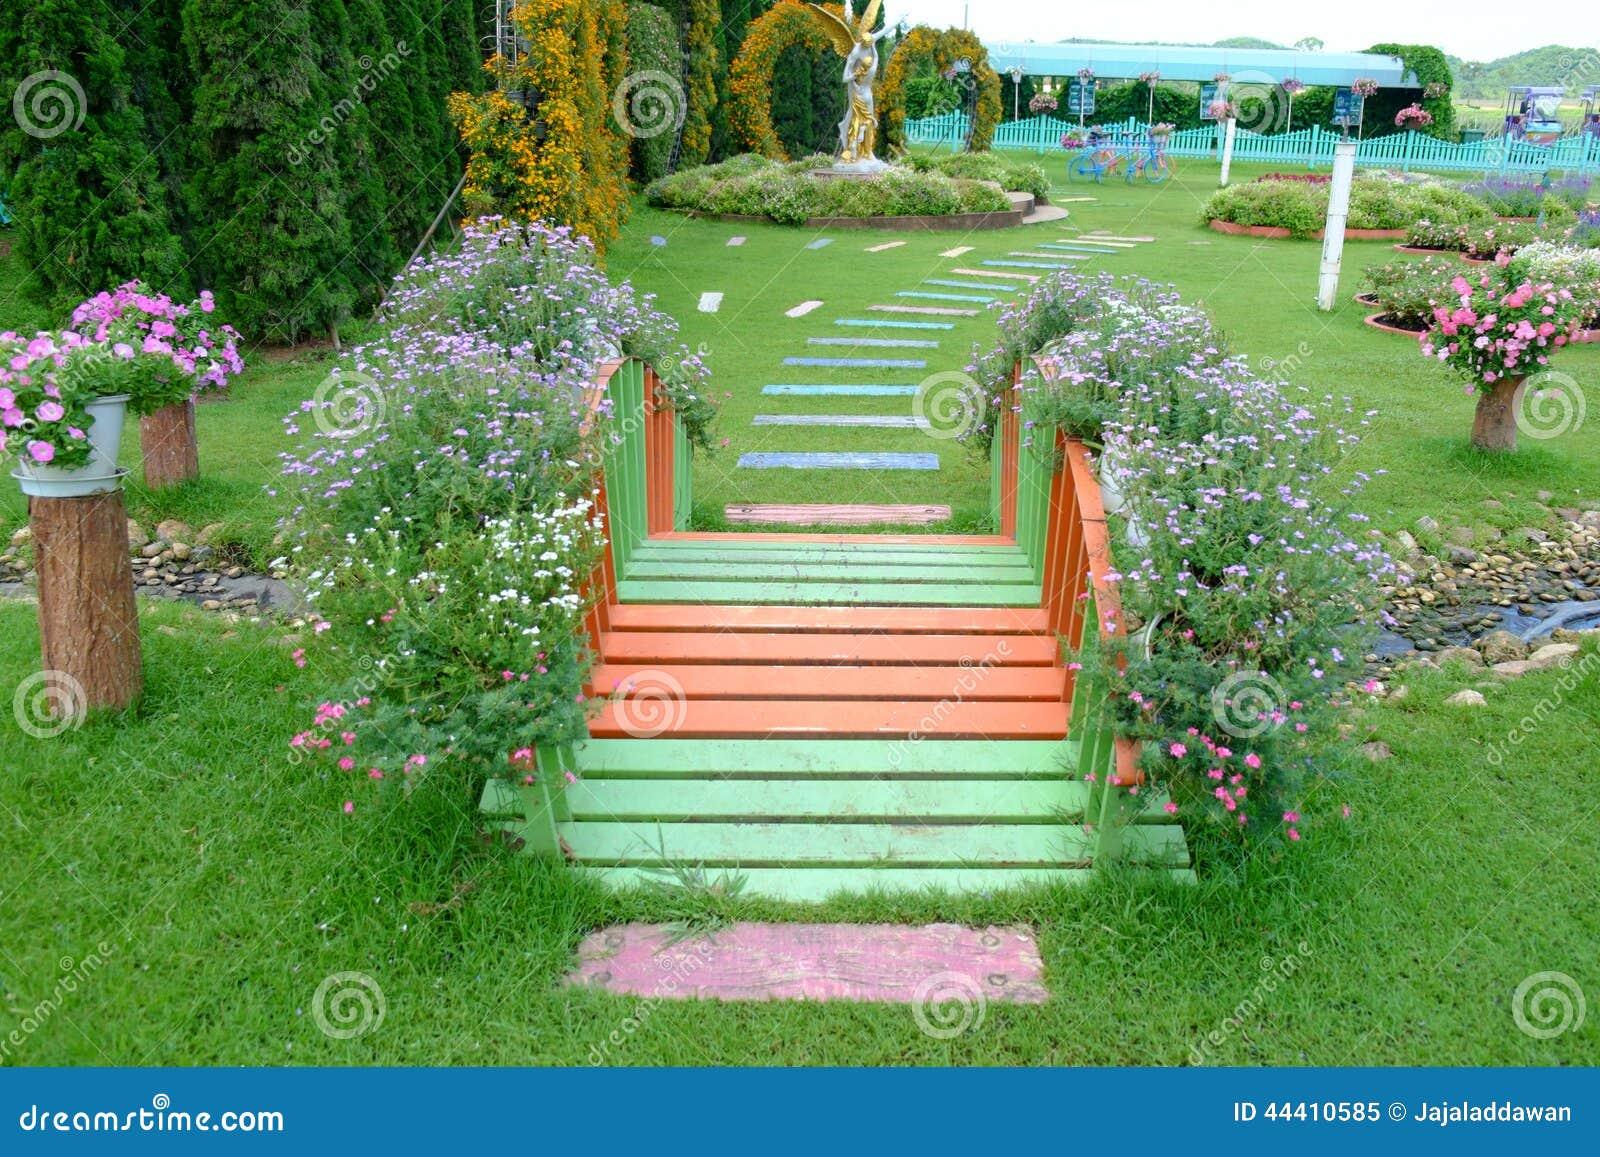 Petit pont dans un jardin d 39 agr ment photo stock image - Pont de bois jardin ...